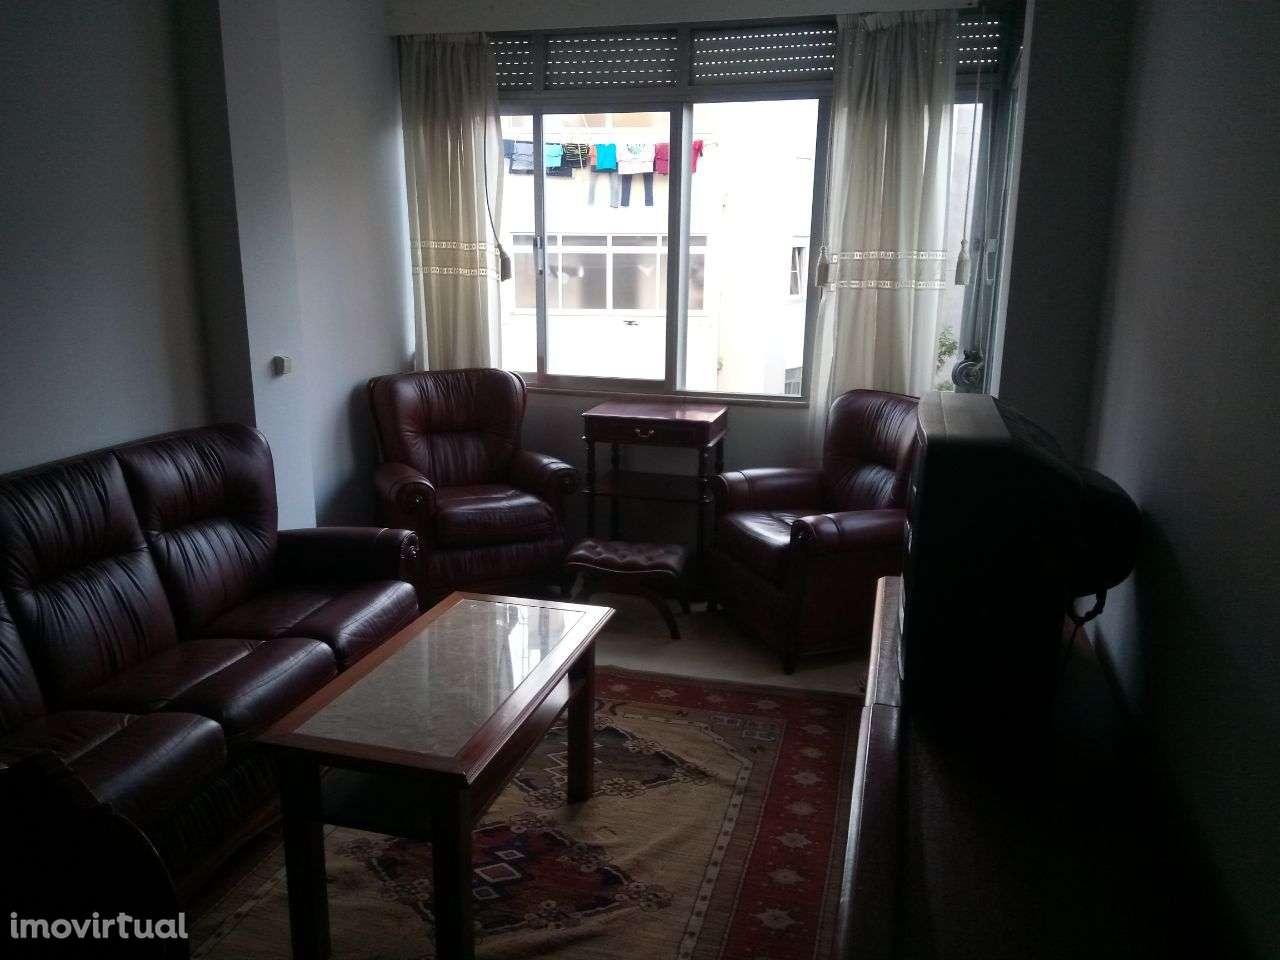 Apartamento para arrendar, Avenida Afonso III, Penha de França - Foto 1